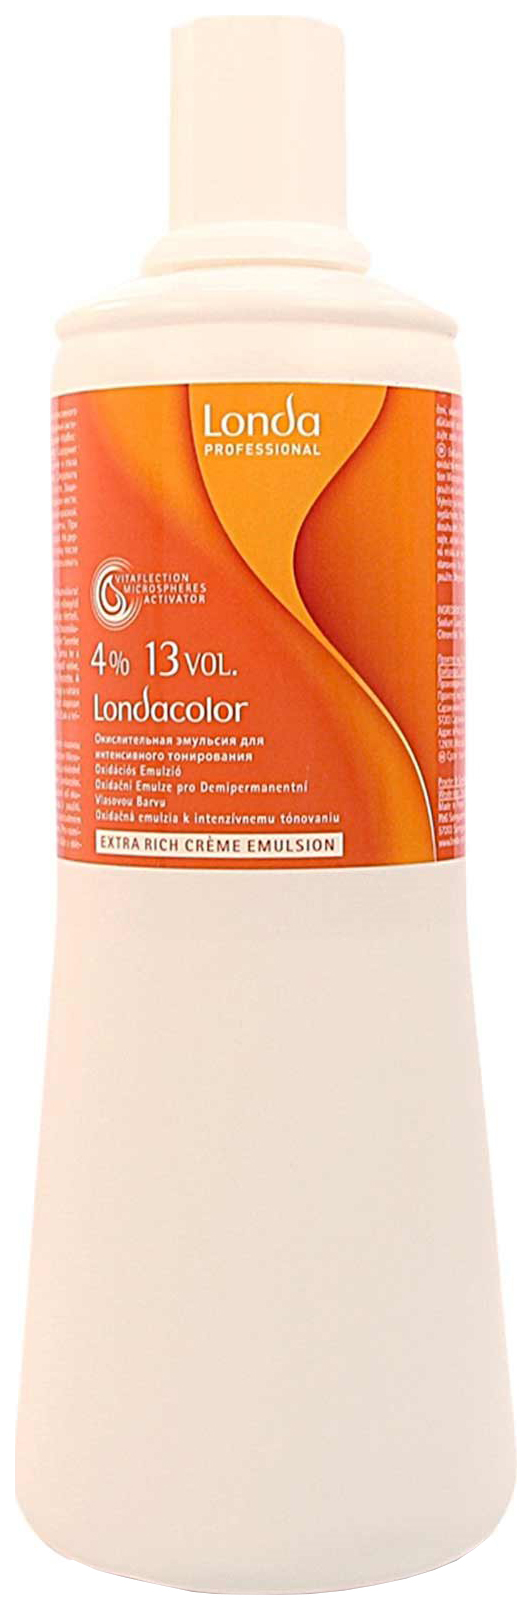 Проявитель Londa Professional 4% 1 л